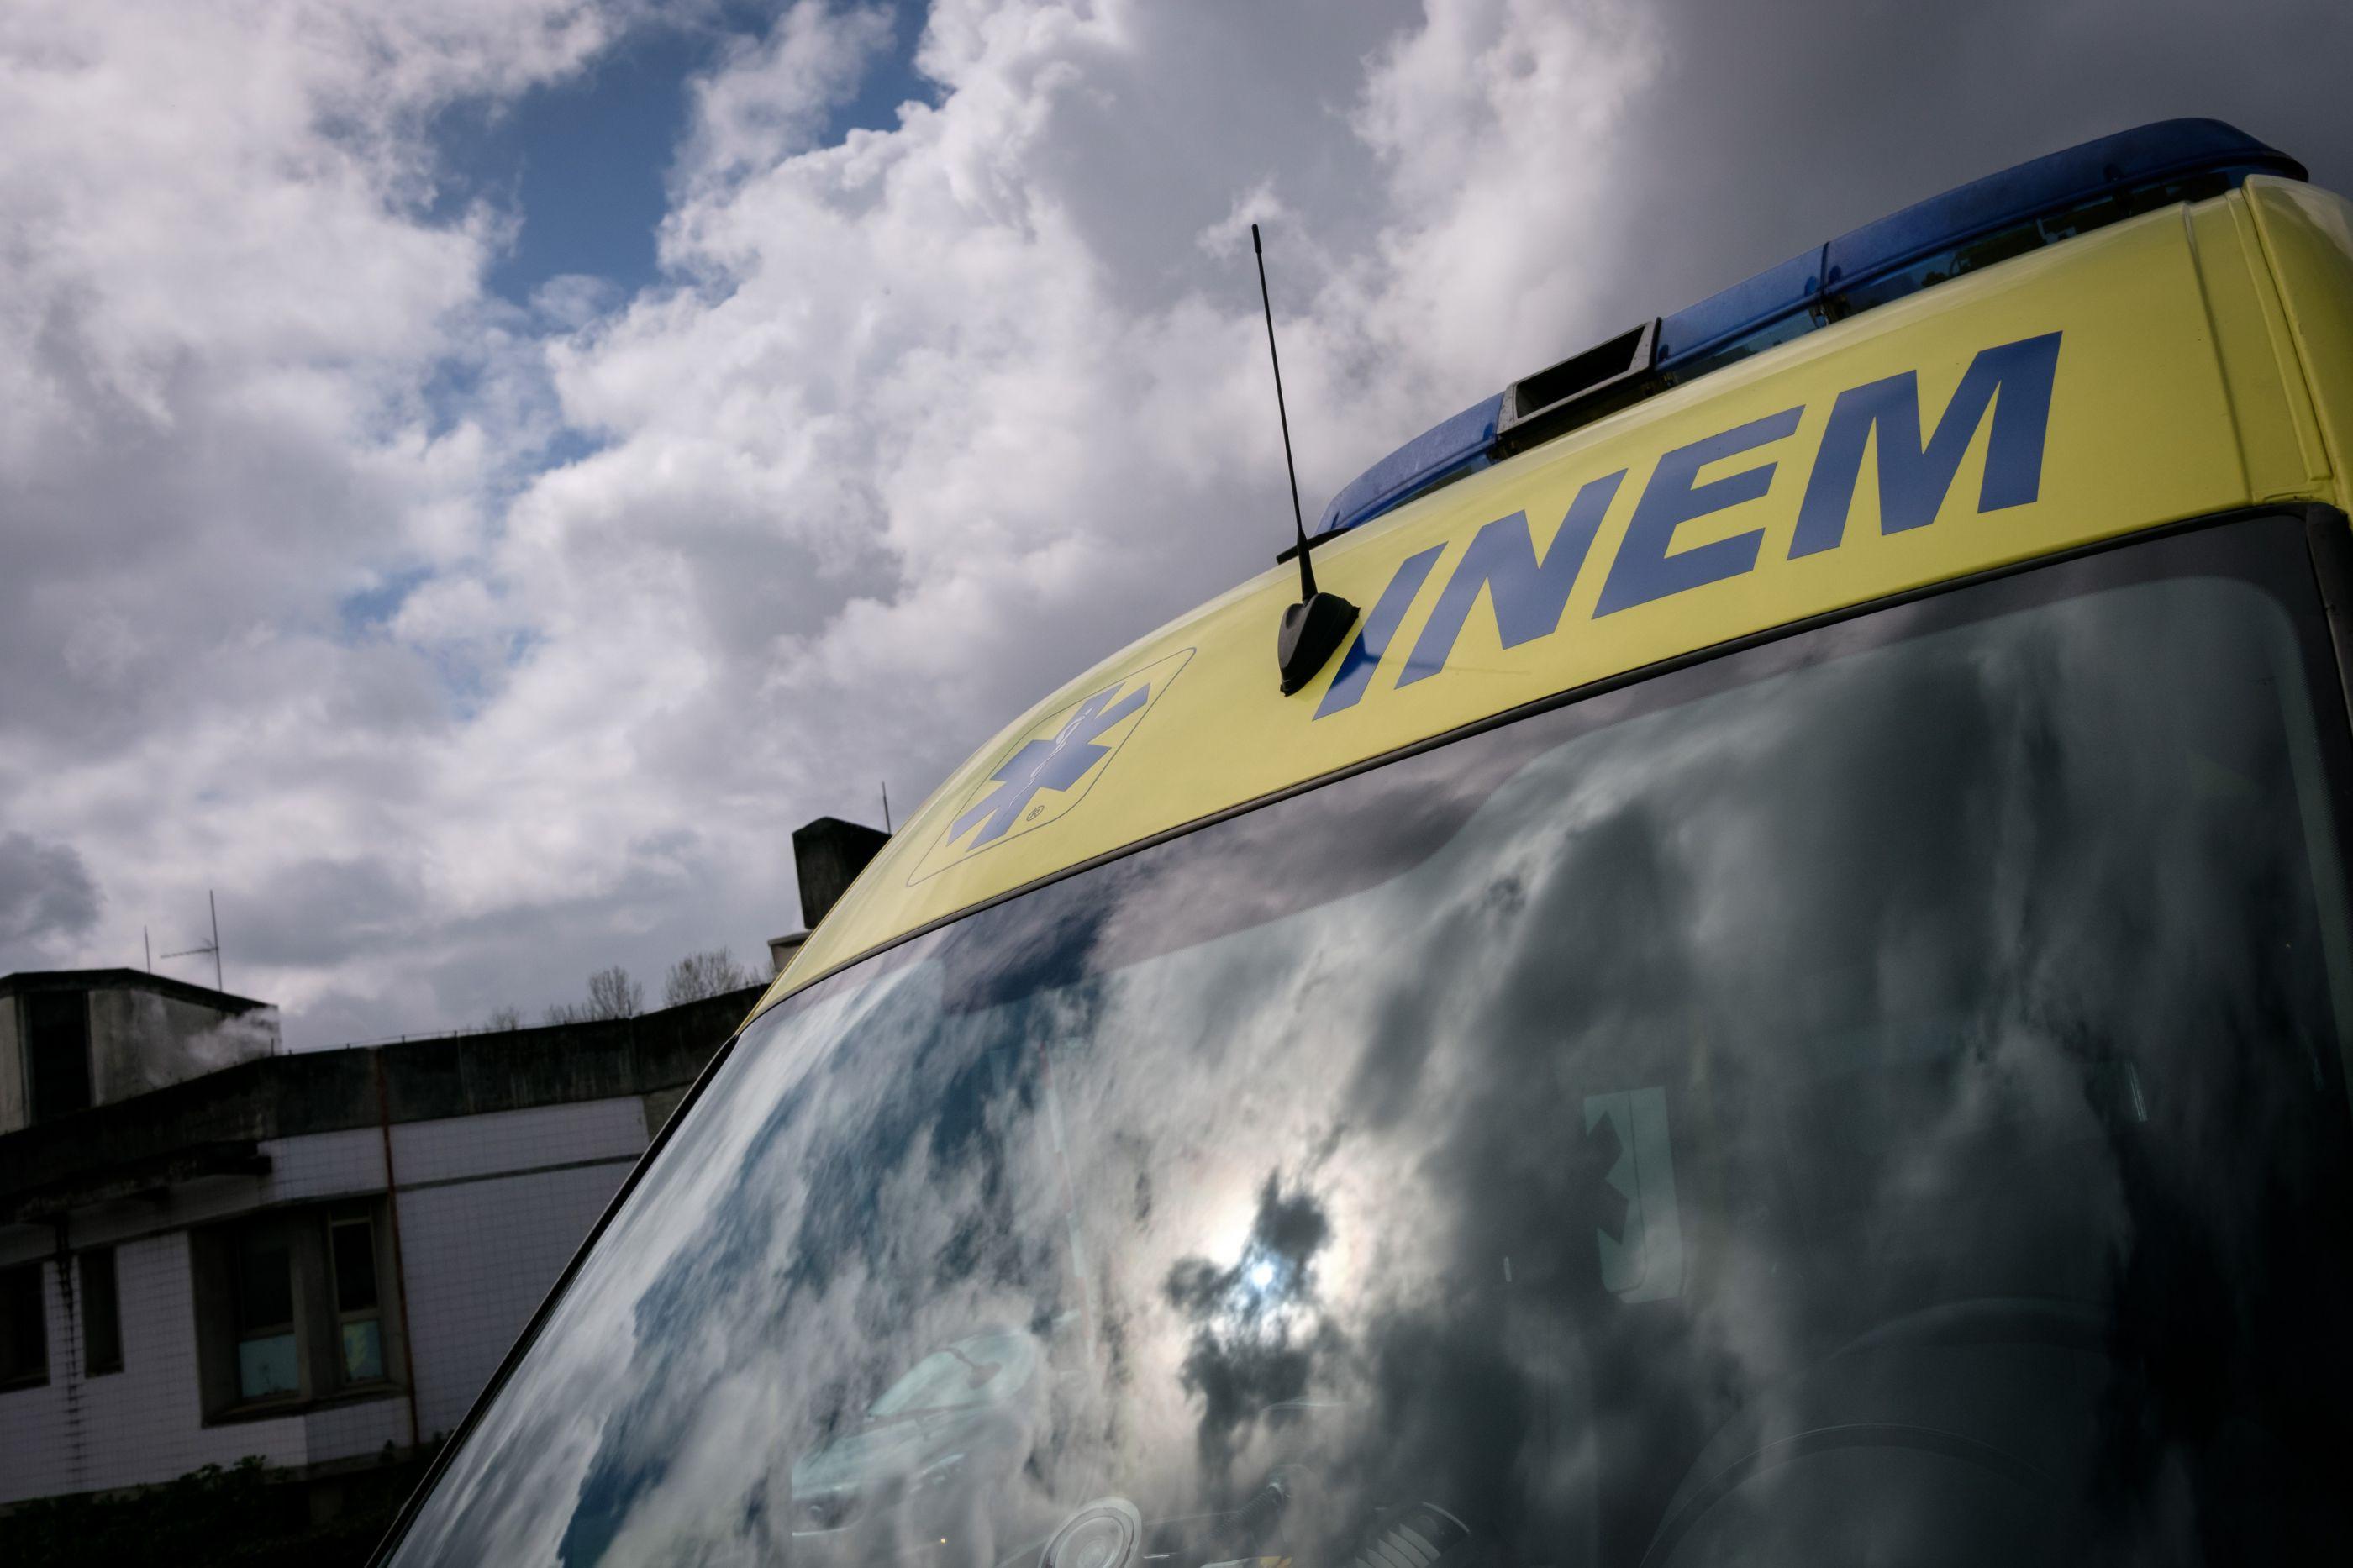 ACT vai investigar acidente mortal em obra de Faro